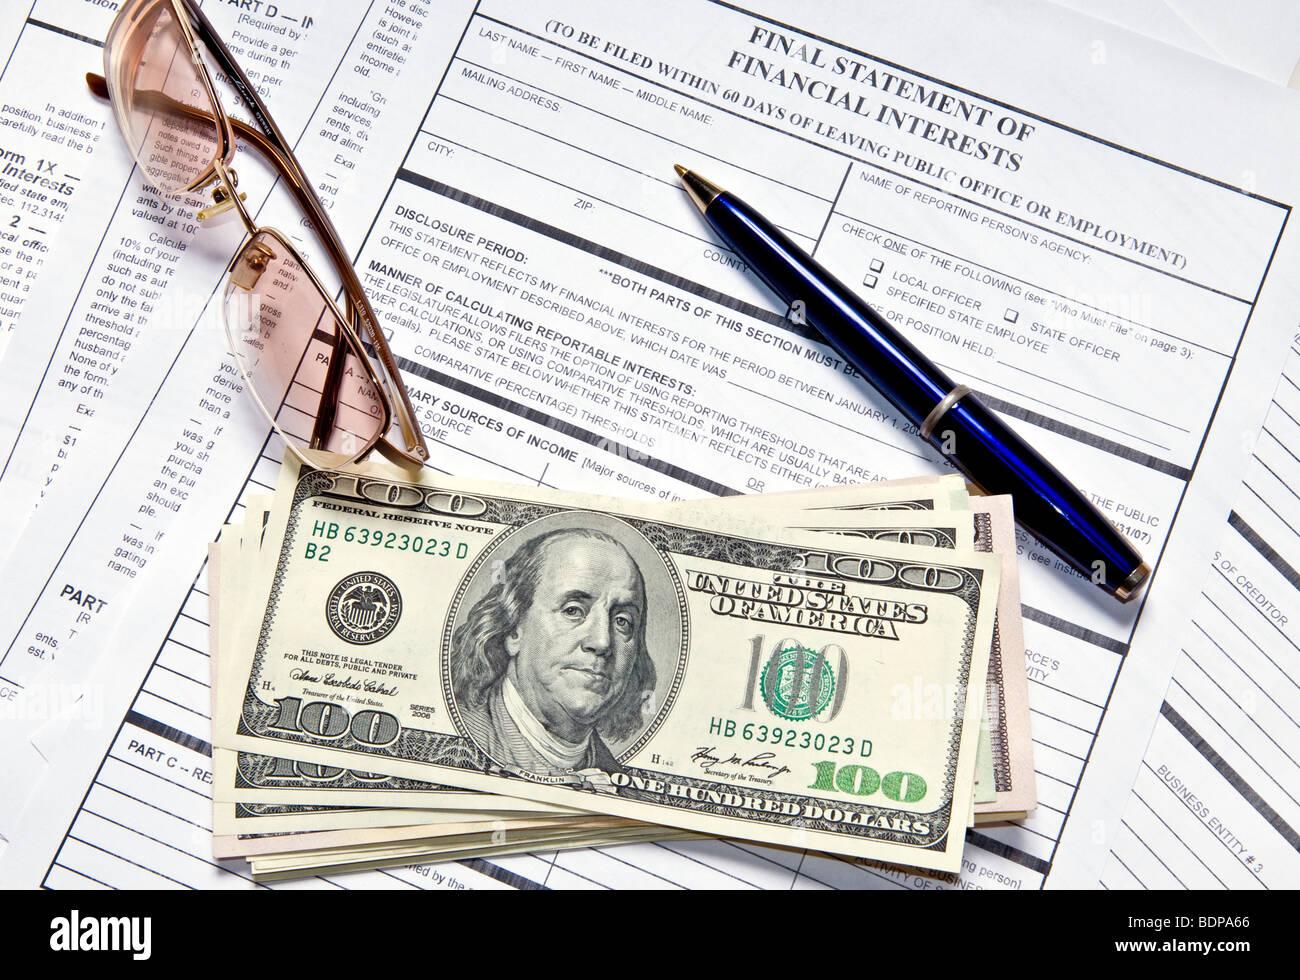 Formulaire de déclaration de revenus et un stylo pour remplir les formulaires Photo Stock